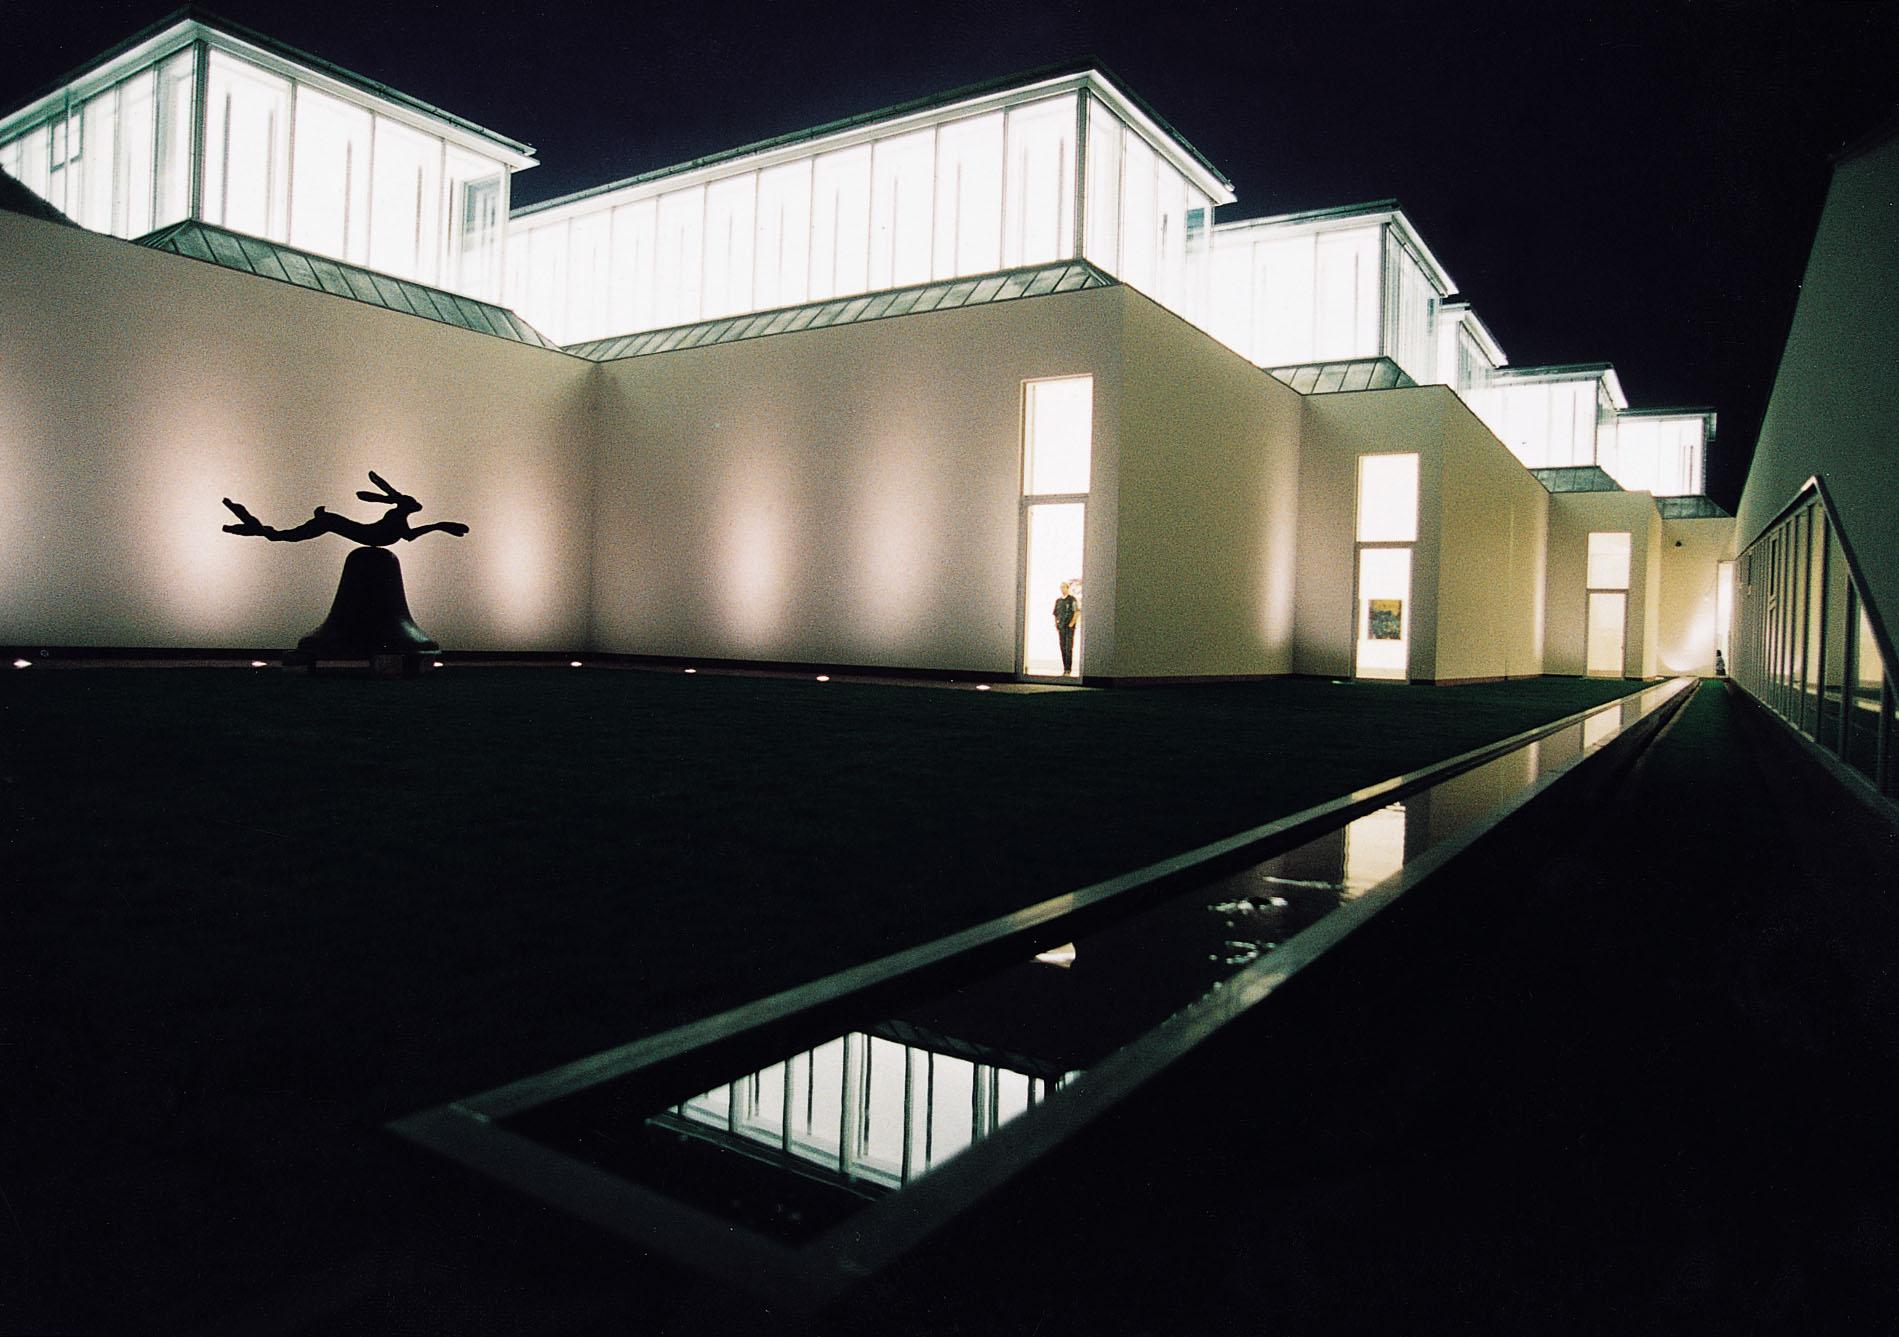 Essl Museum, Innenhof bei Nacht © 2000 by Ali Schafler